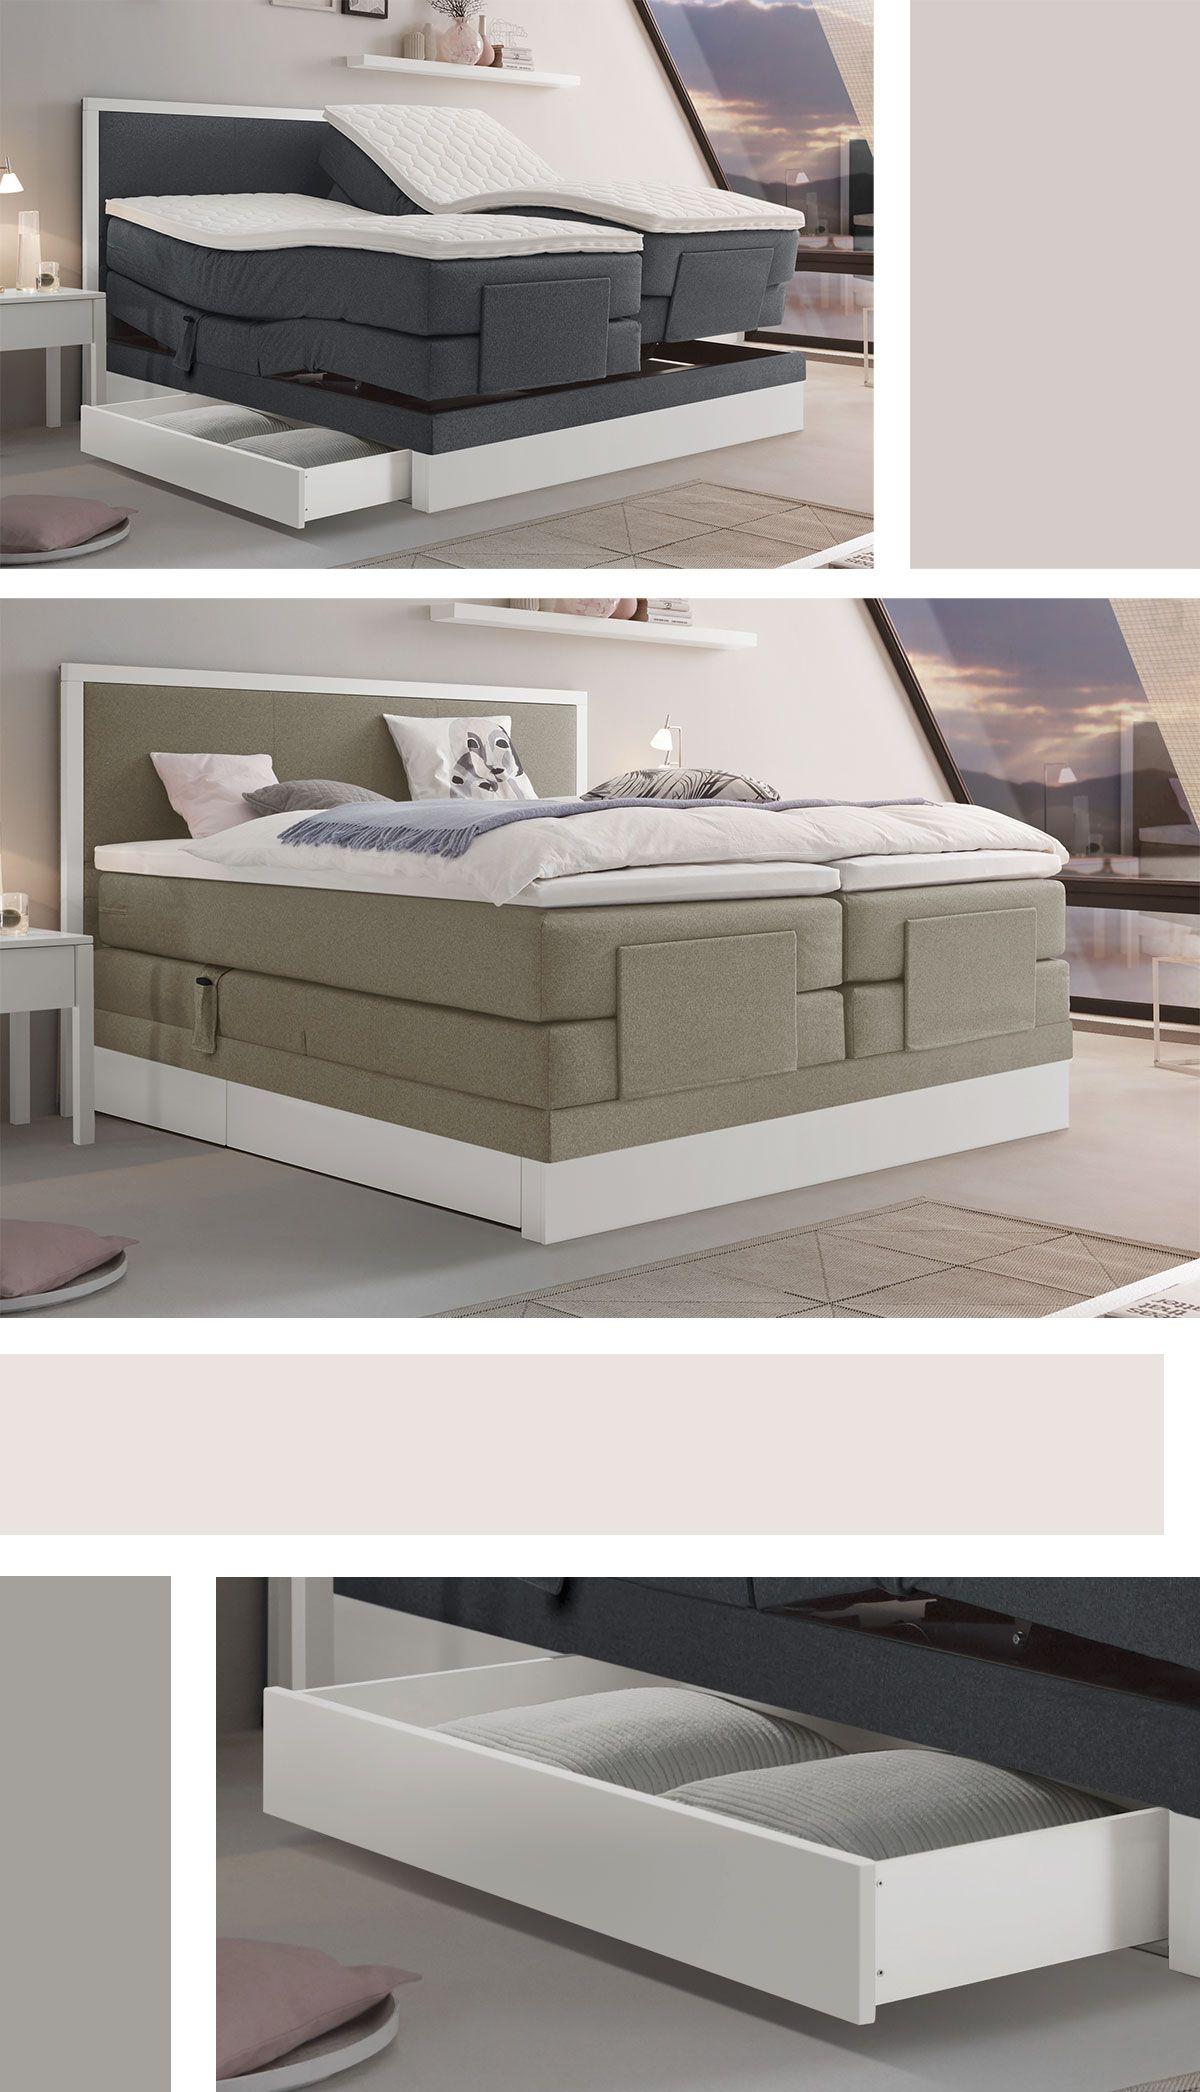 Luxus Boxspringbett Mit Sachter, Elektrischer Verstellung. Extravaganter  Komfort Für Ihr Schlafzimmer. #